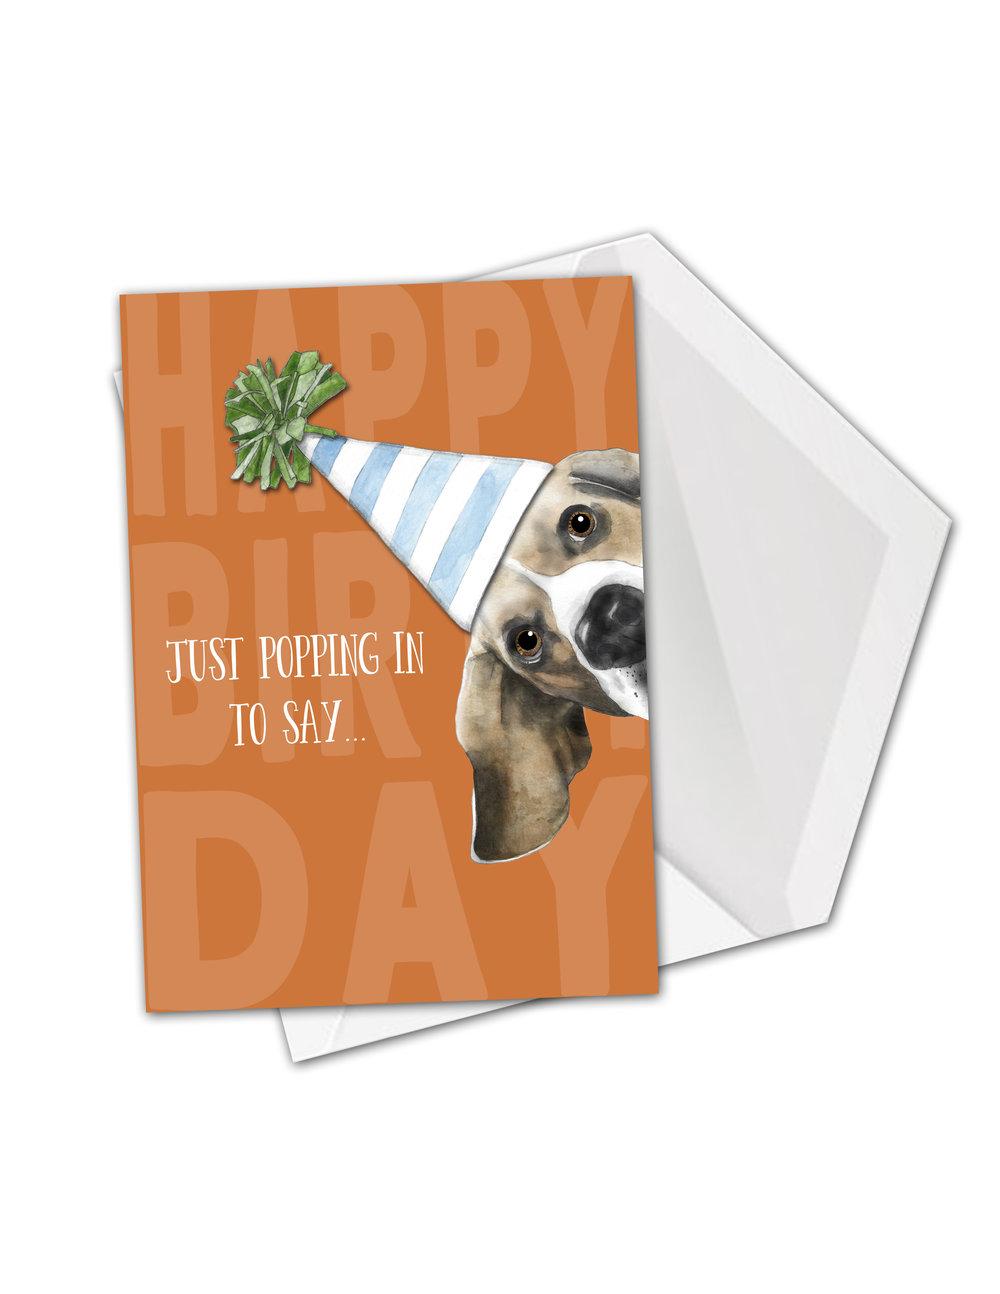 CA Popping in dog bday card mock.jpg